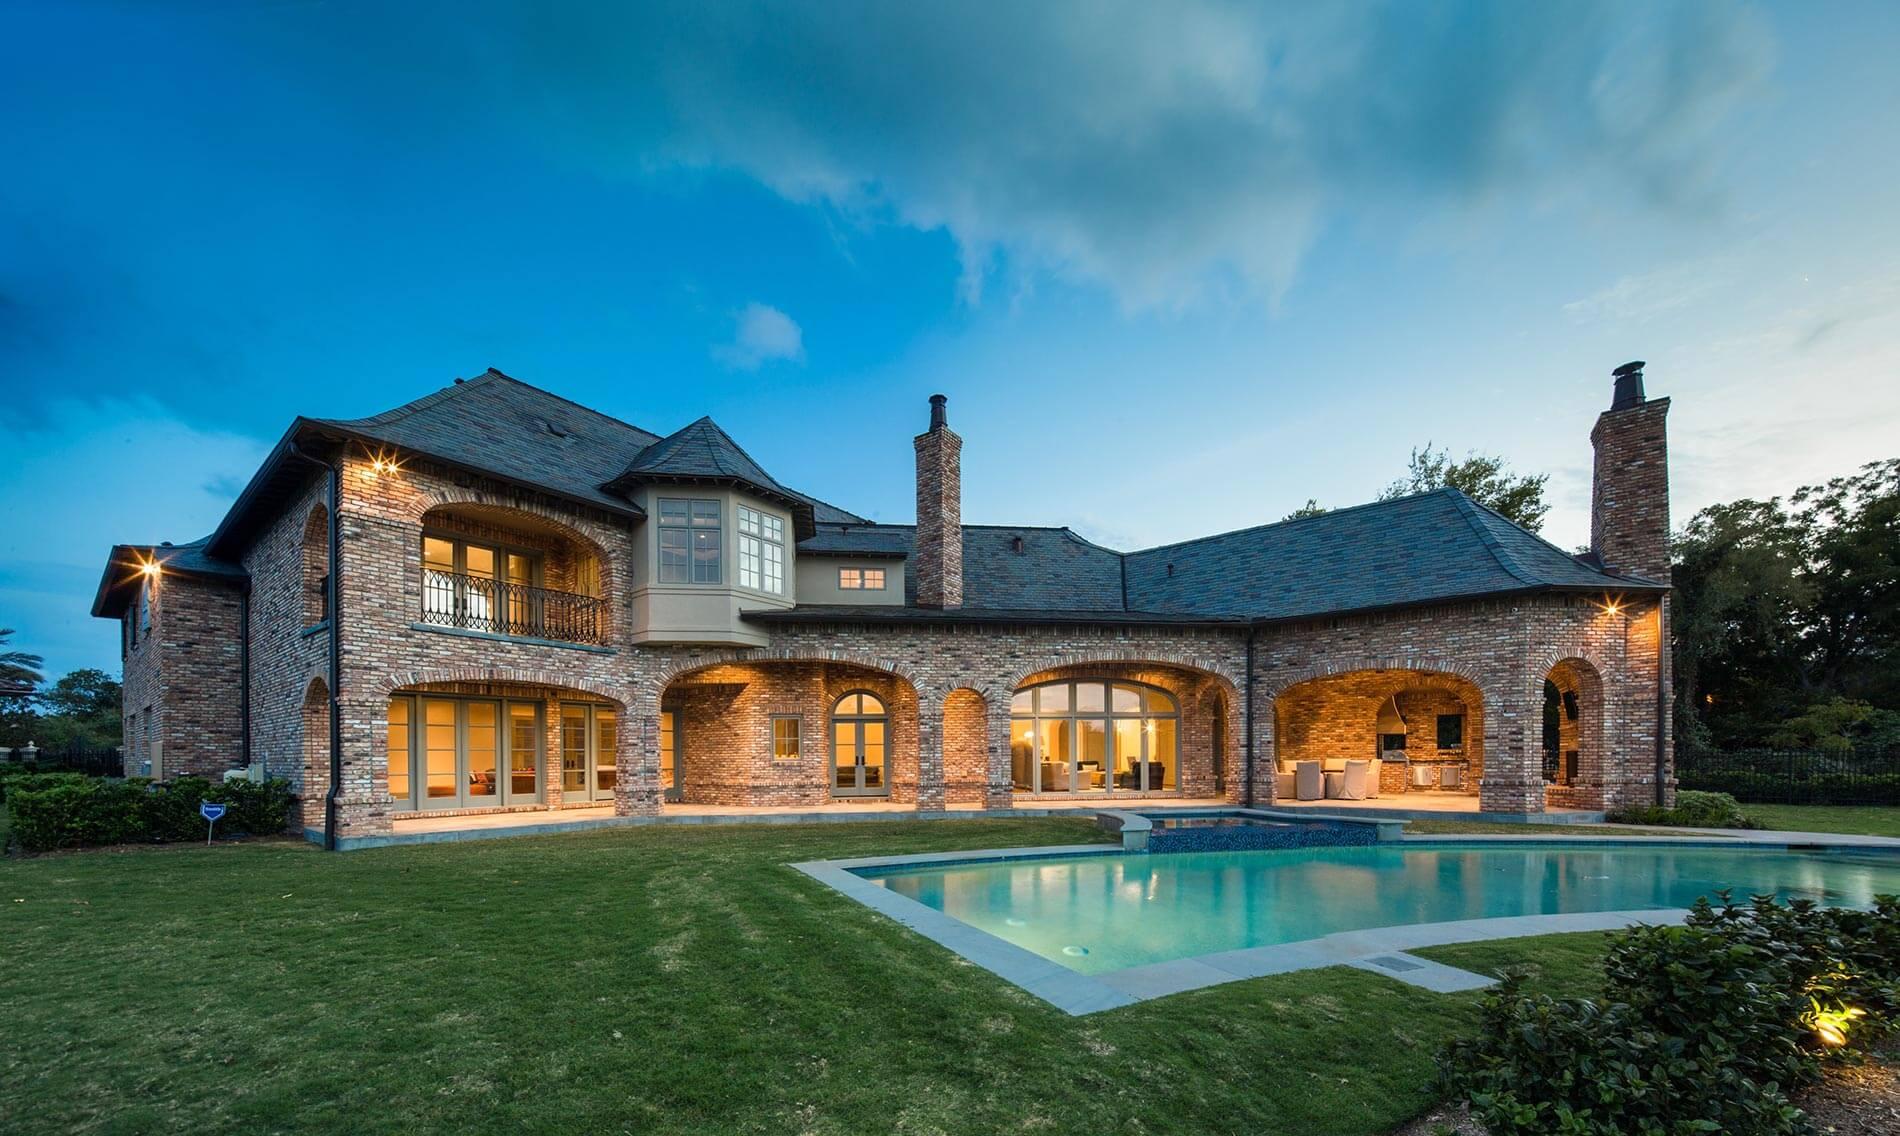 luxury home backyard houston